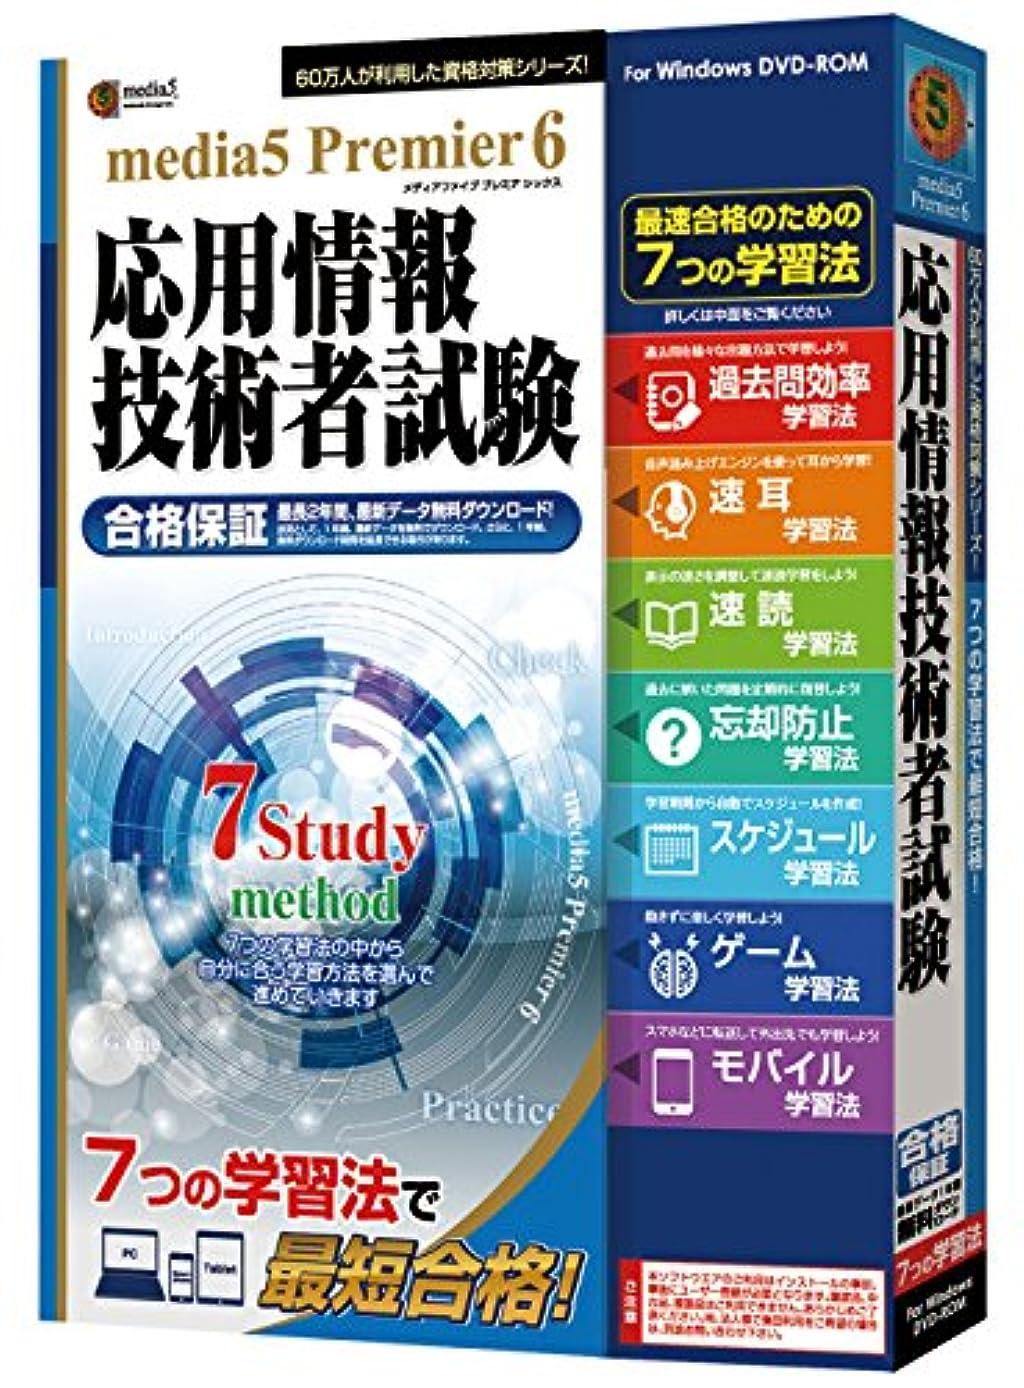 印刷する広がりビルダーメディアファイブ プレミア6 7つの学習法 応用情報技術者試験